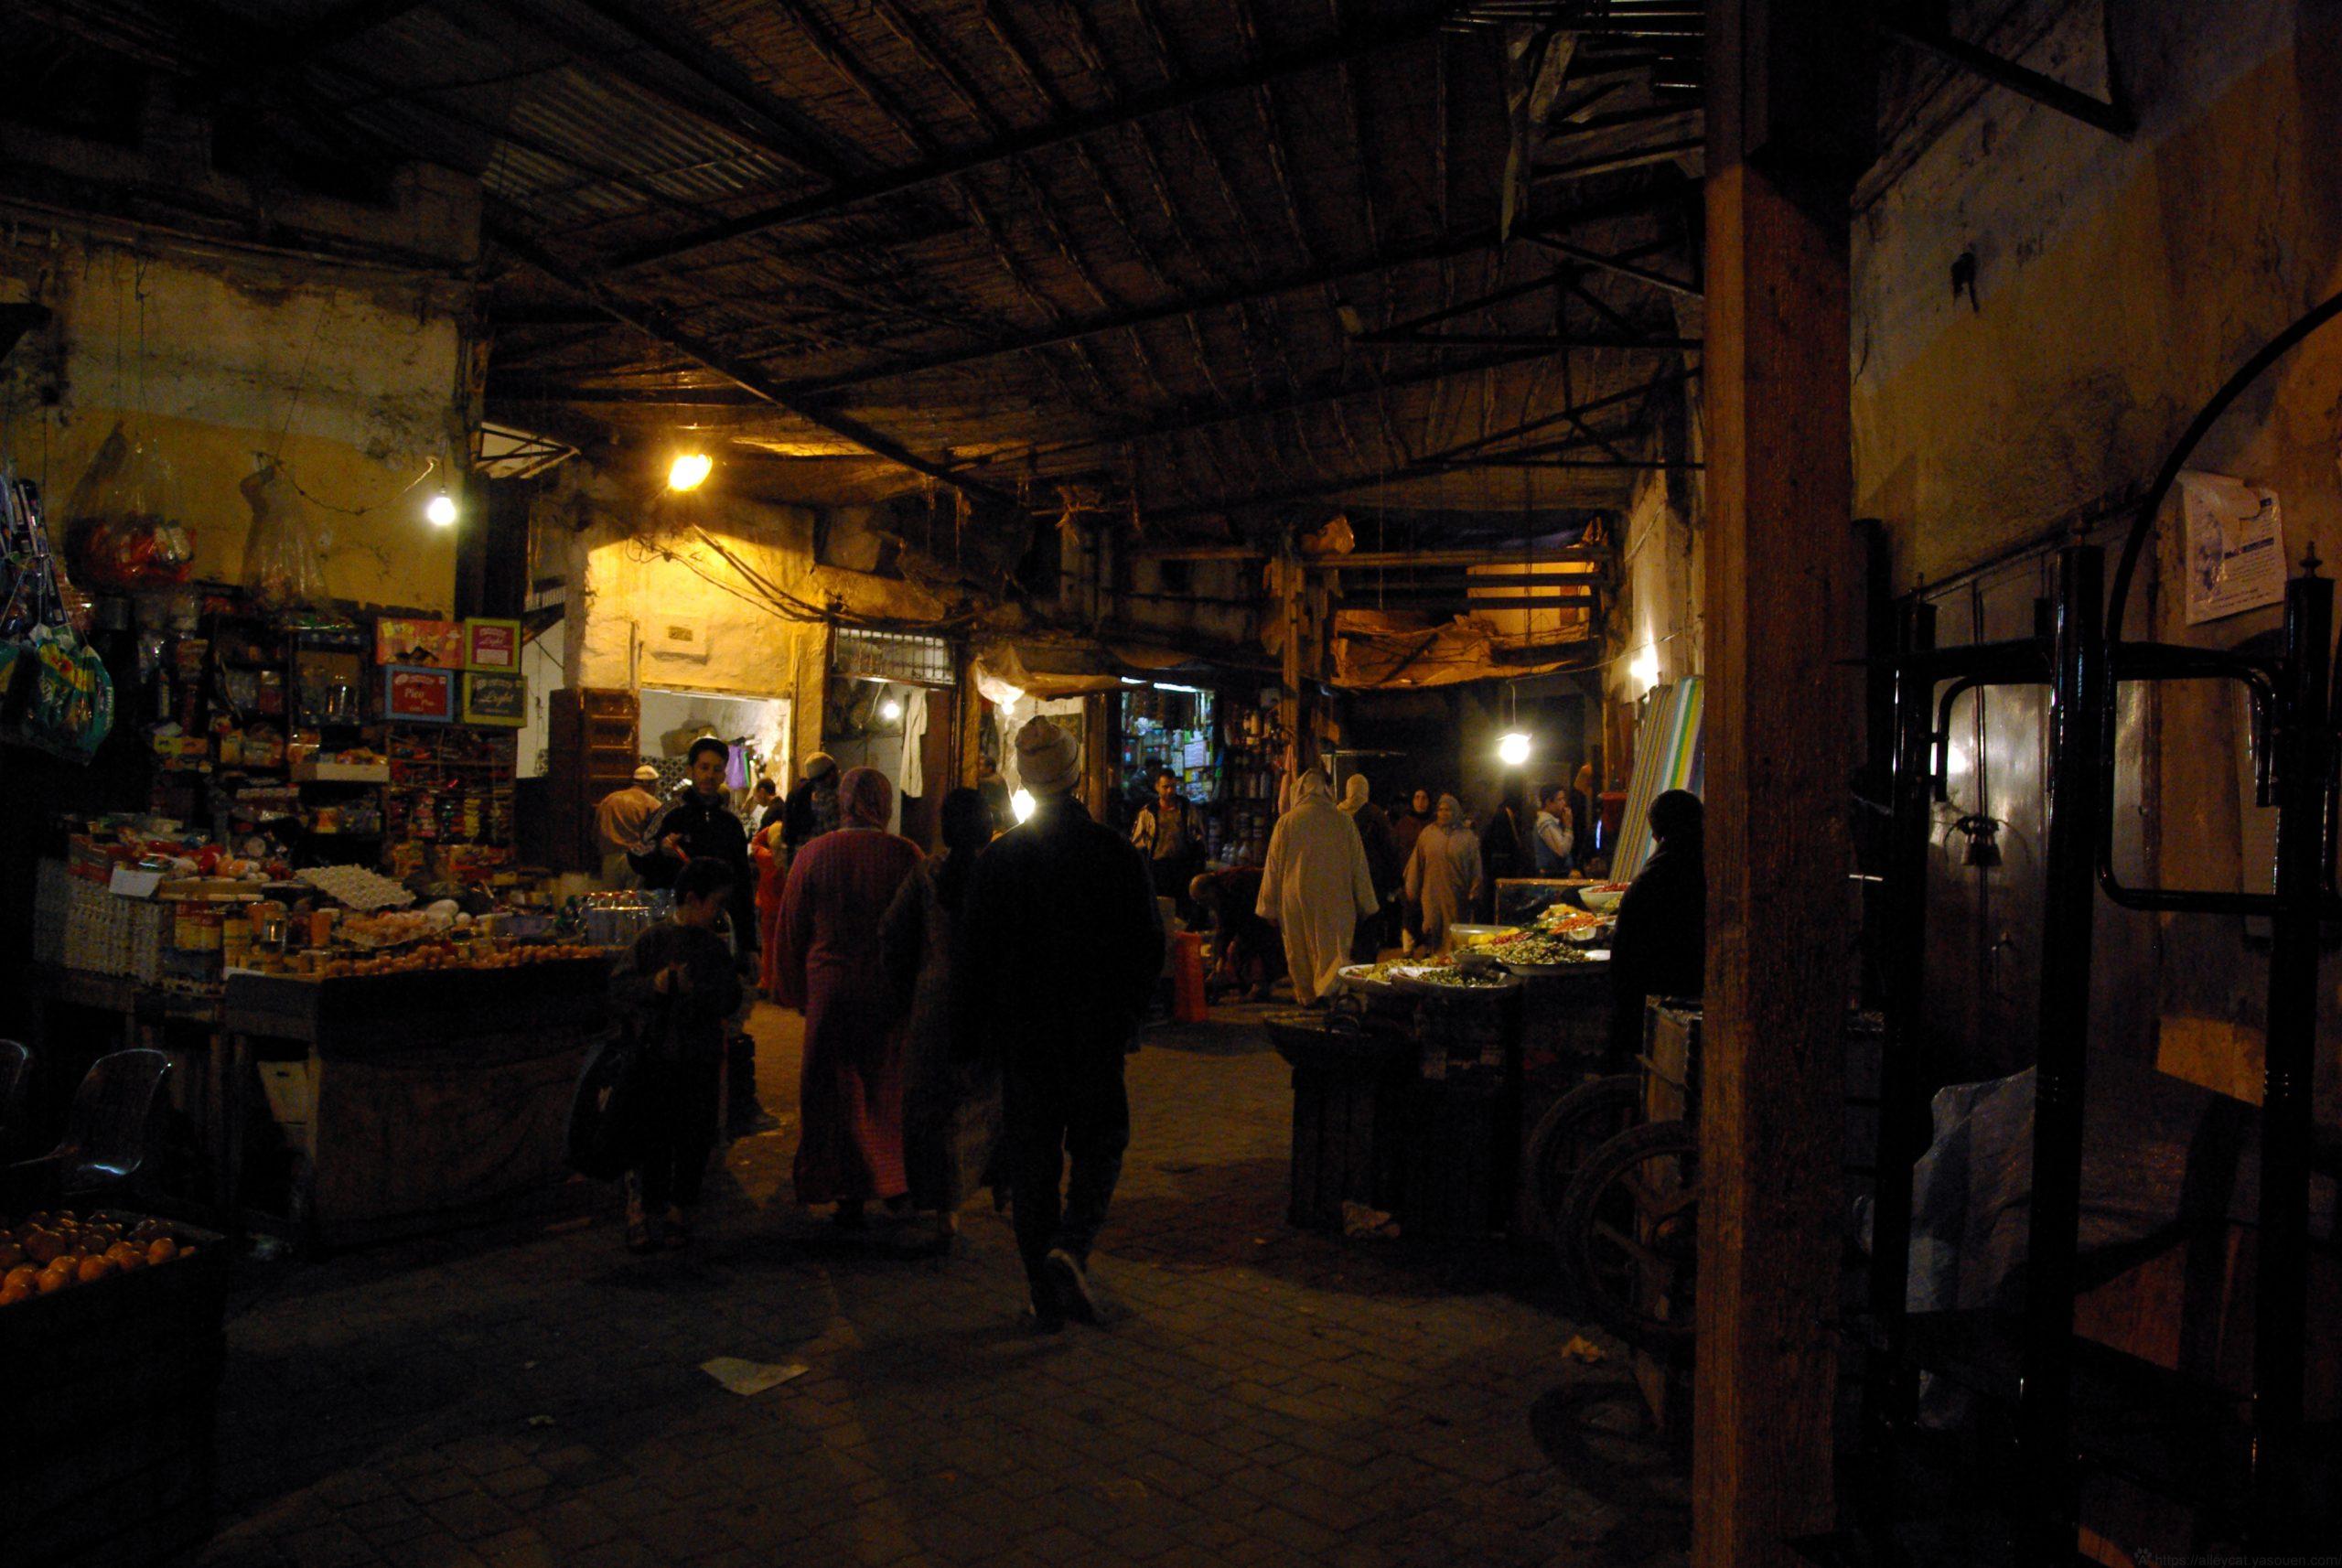 Fez, Morocco, 2008